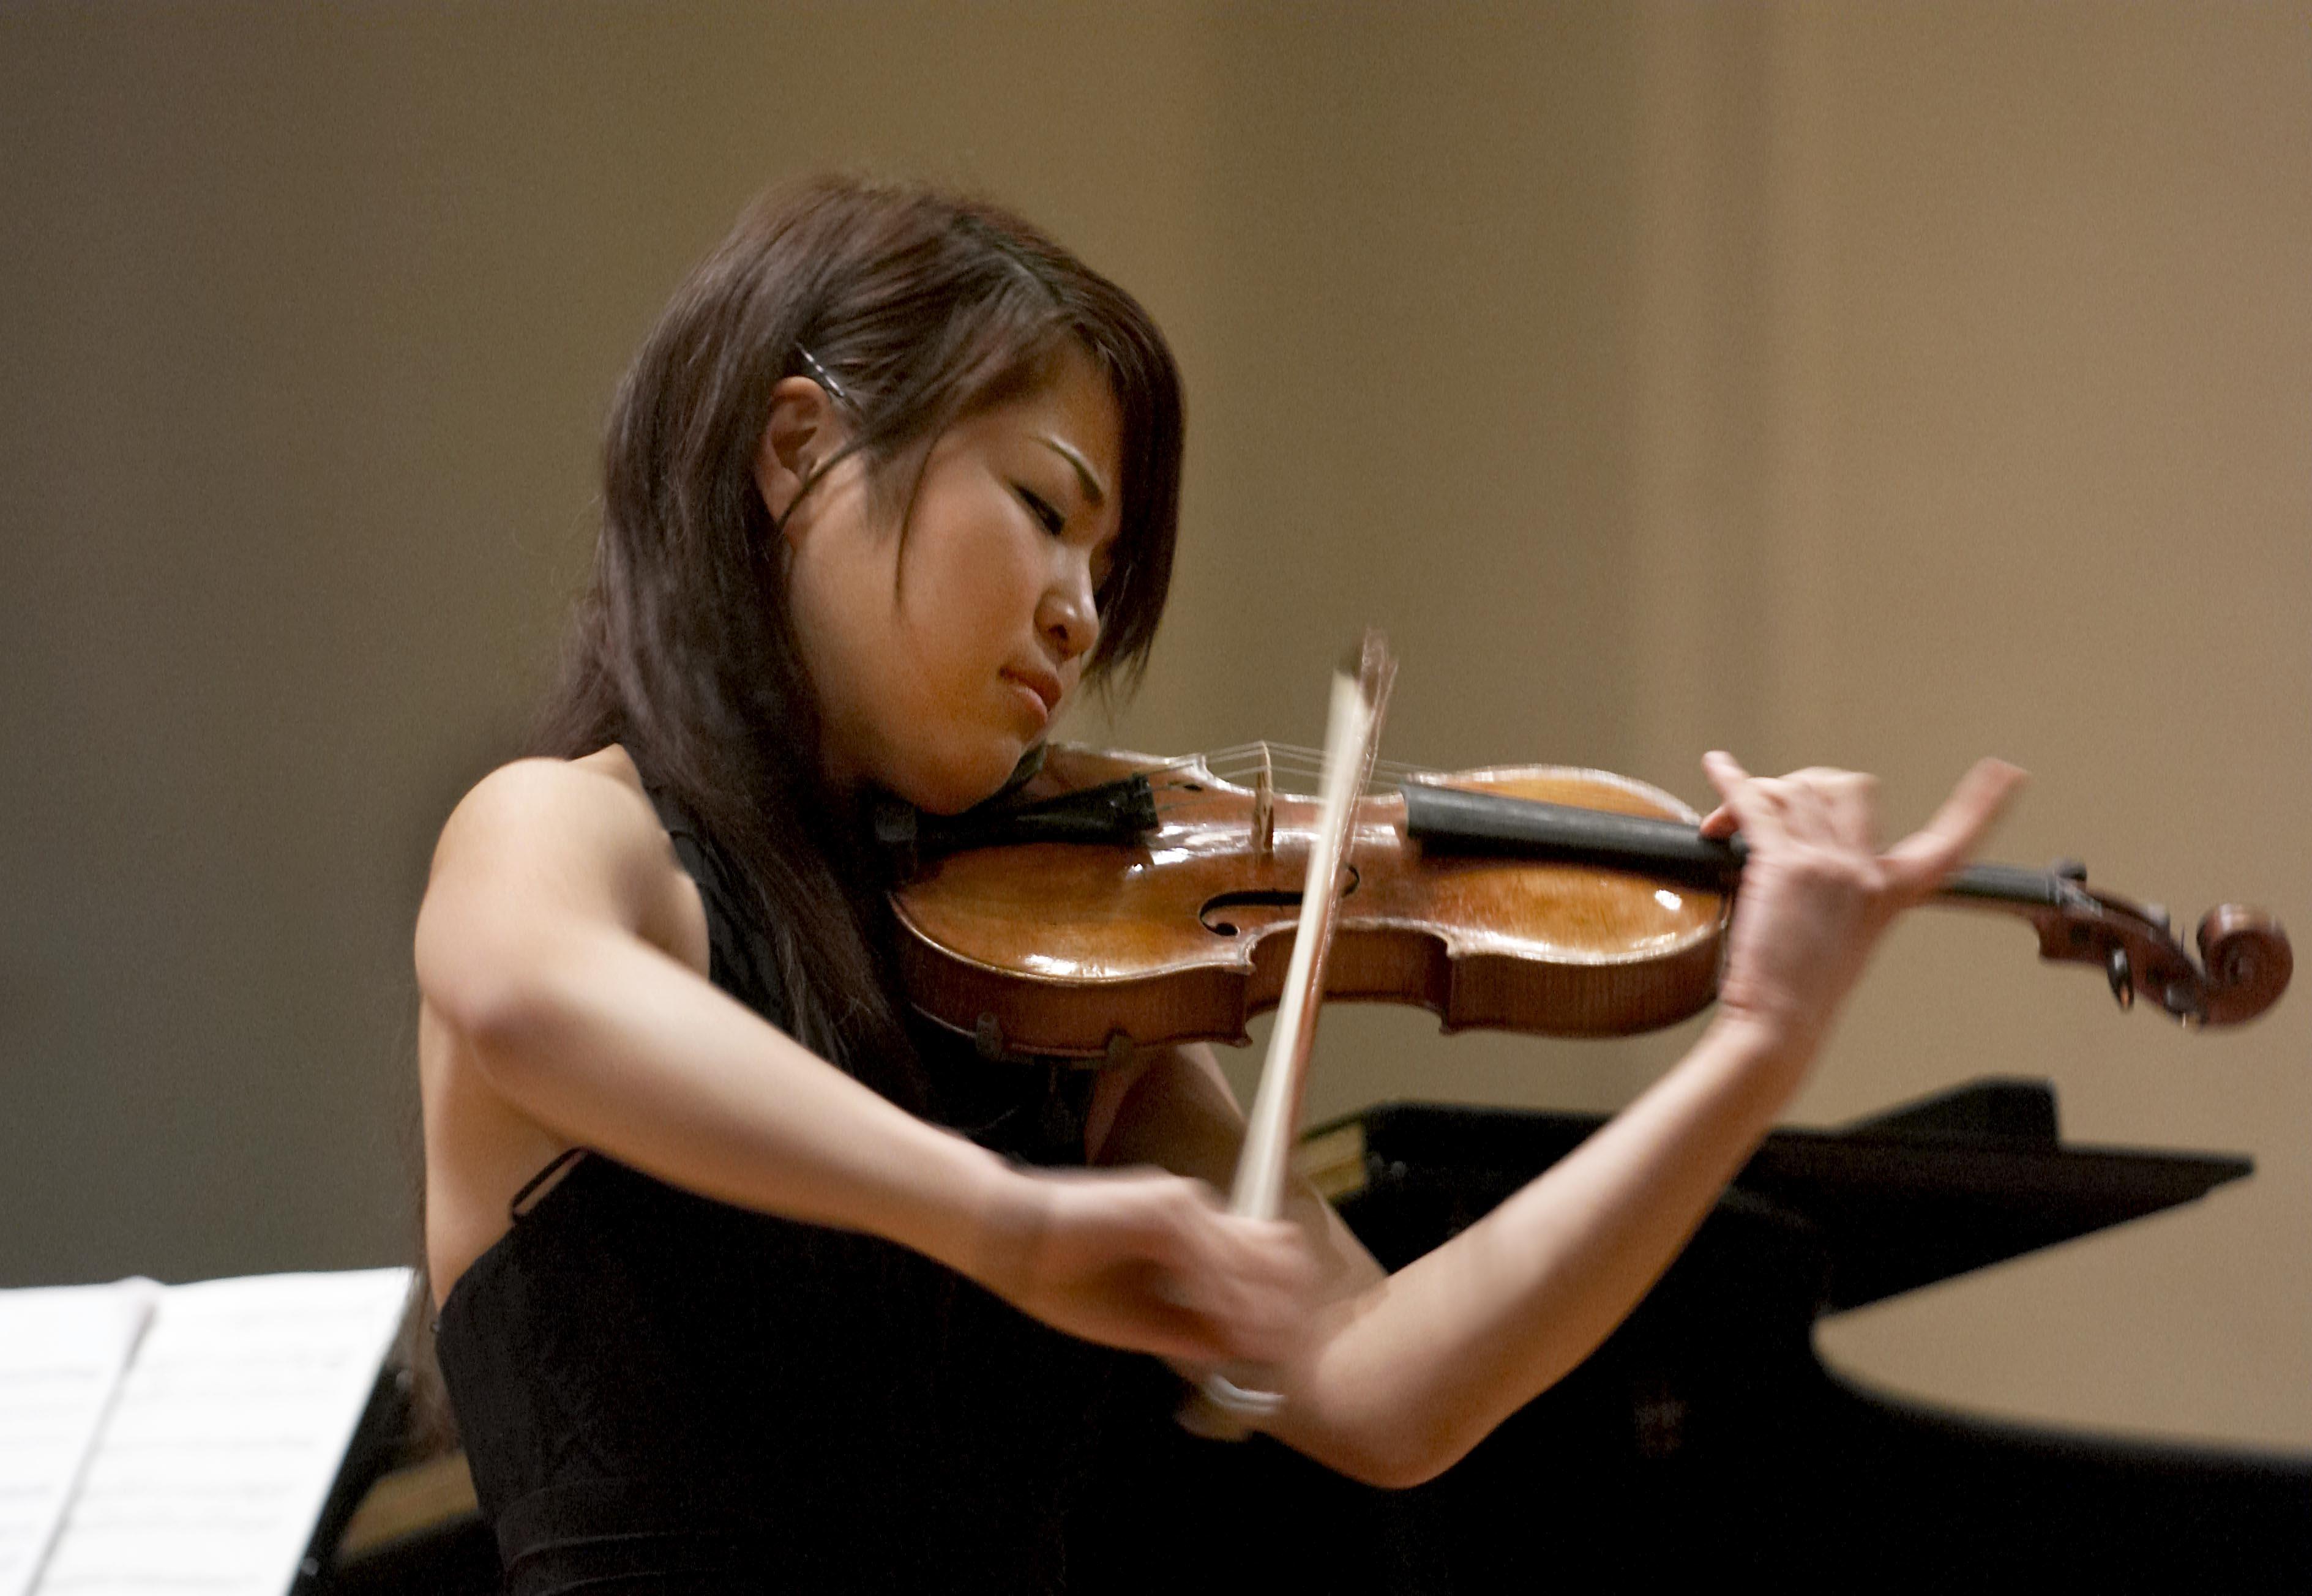 Rahn Musikpreis 2006, Mayuko Kamio, 1. prize violin